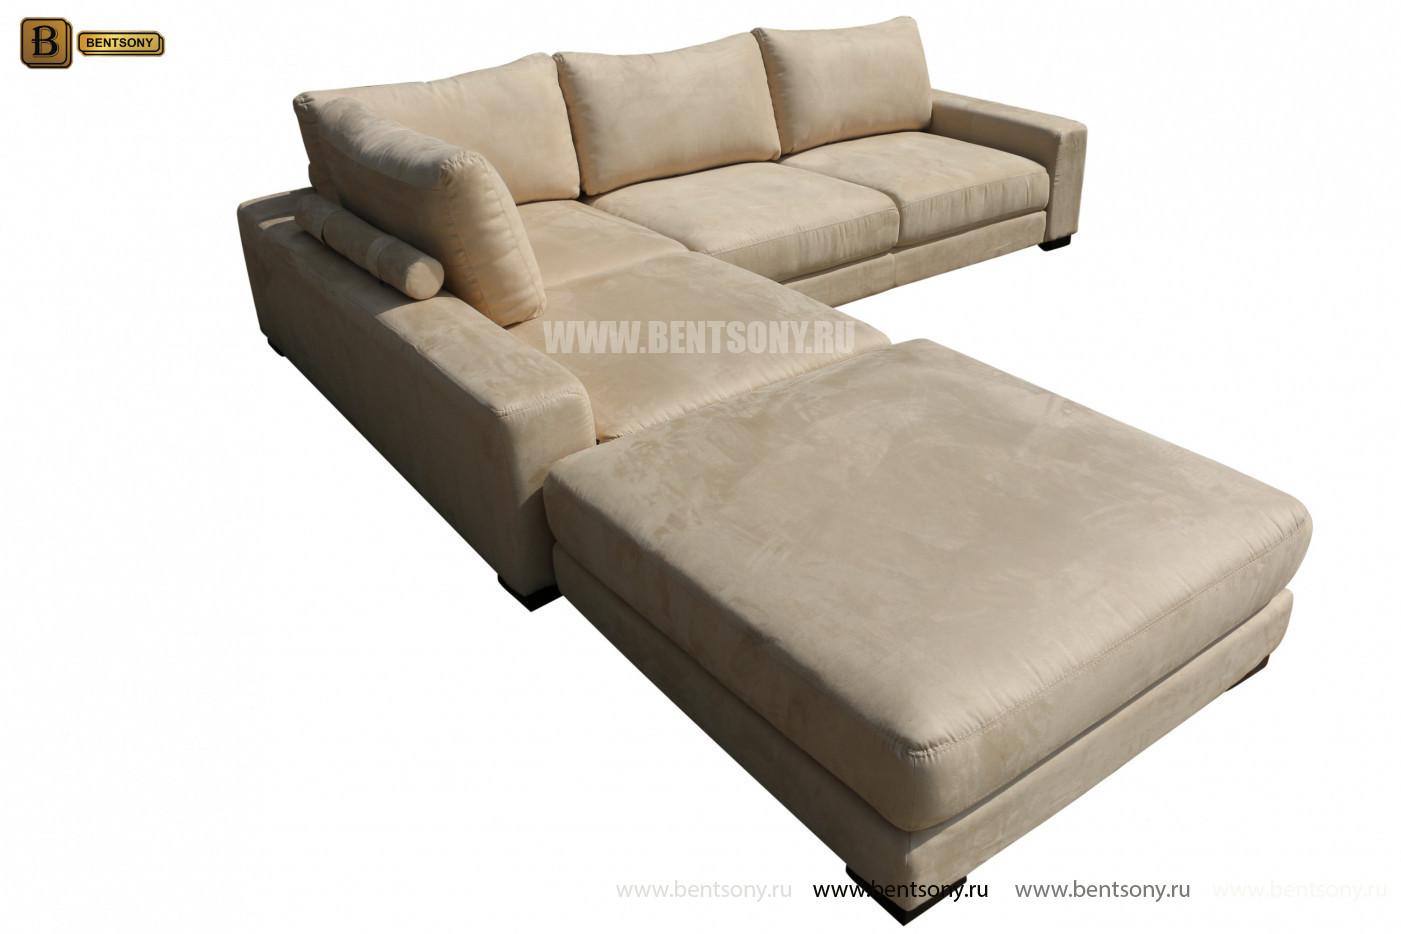 Мягкий угловой диван Луиджи спб